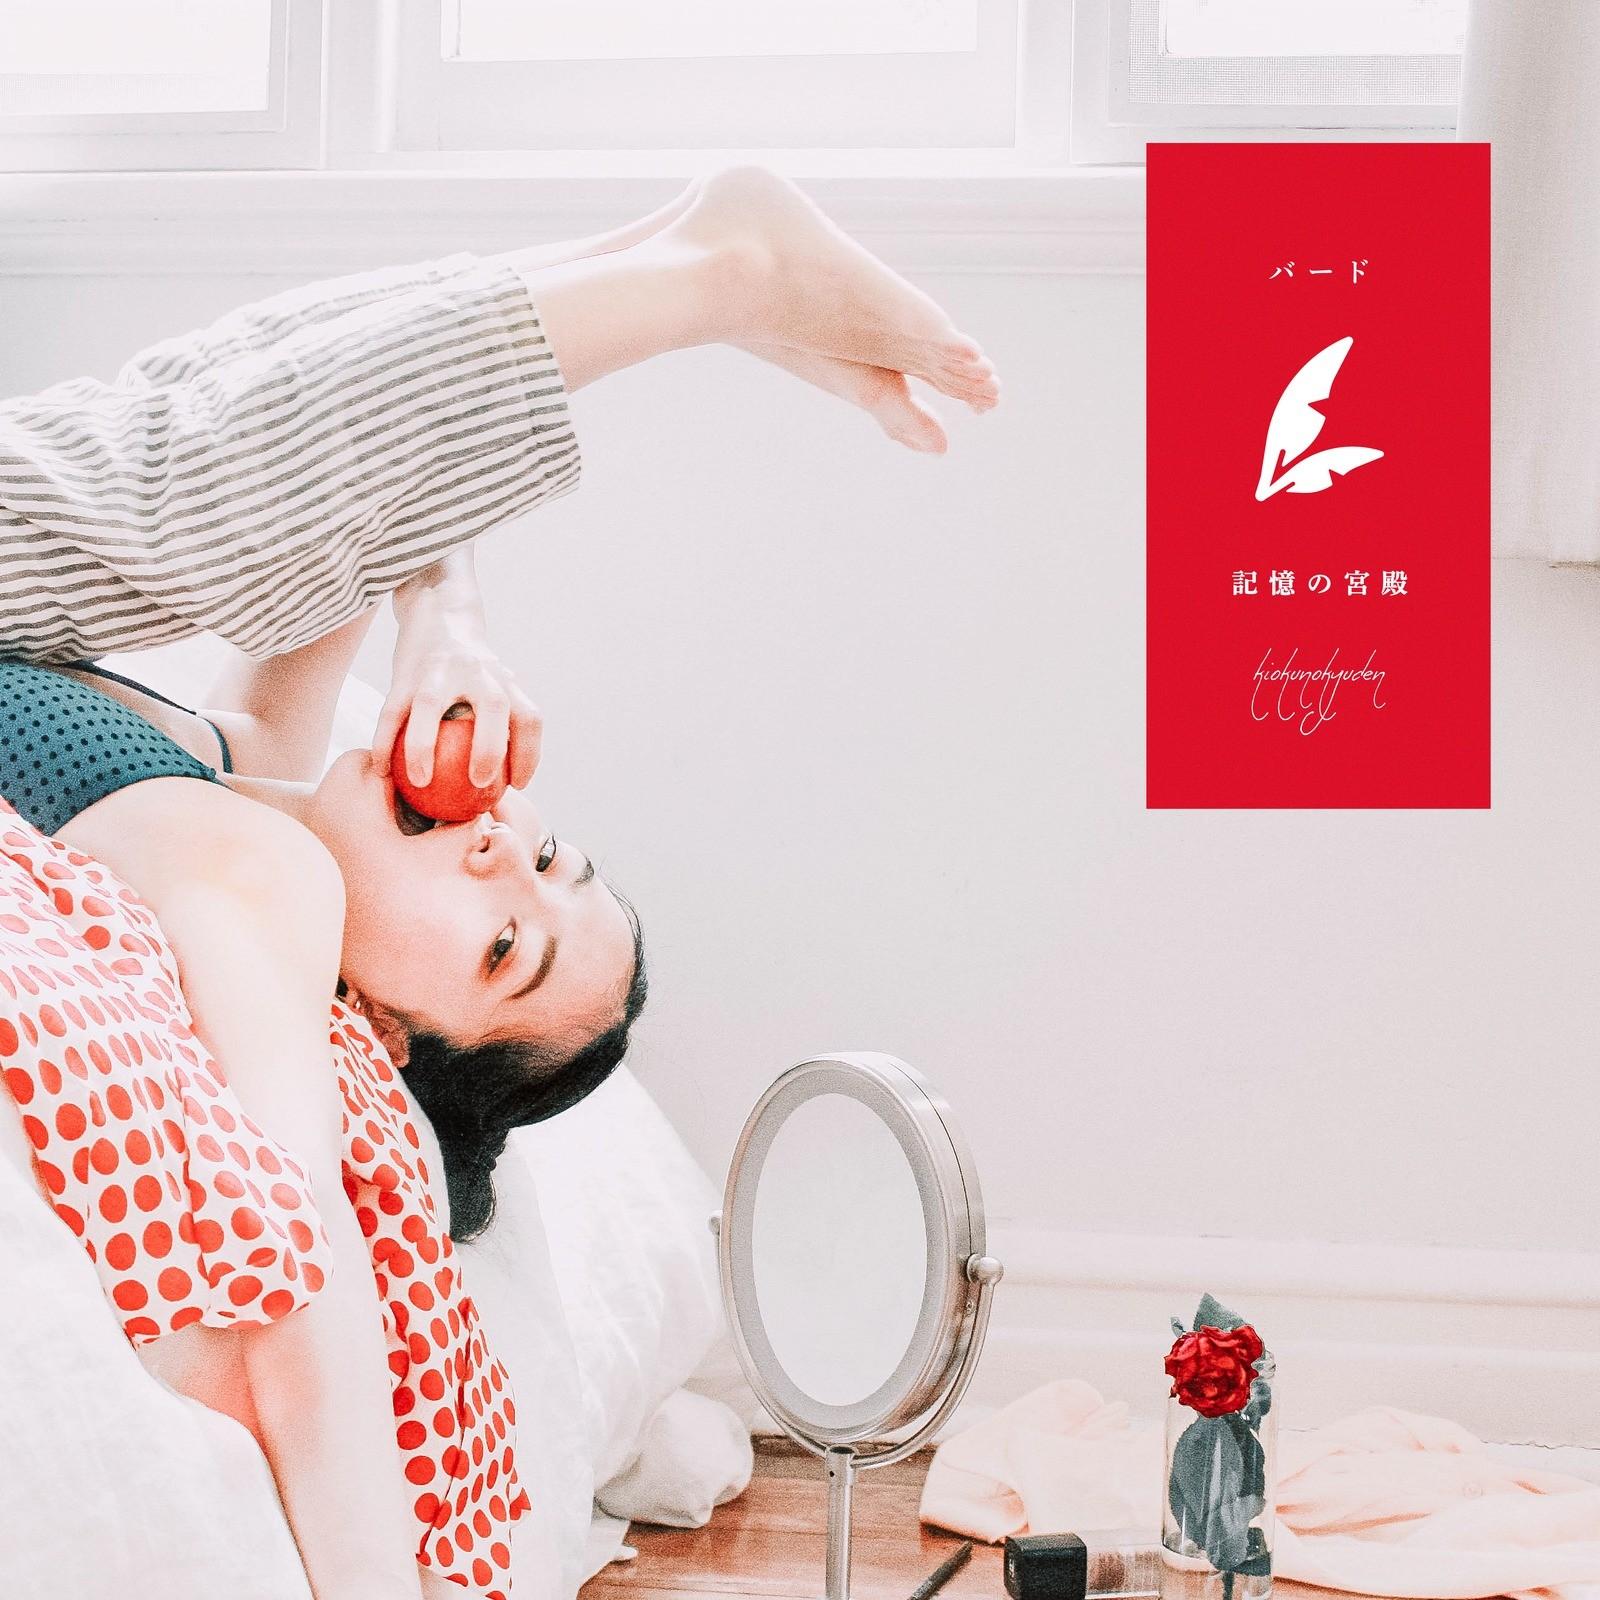 記憶の宮殿 (kiokunokyuden) – Bird [FLAC+ MP3 VBR / WEB] [2020.02.16]